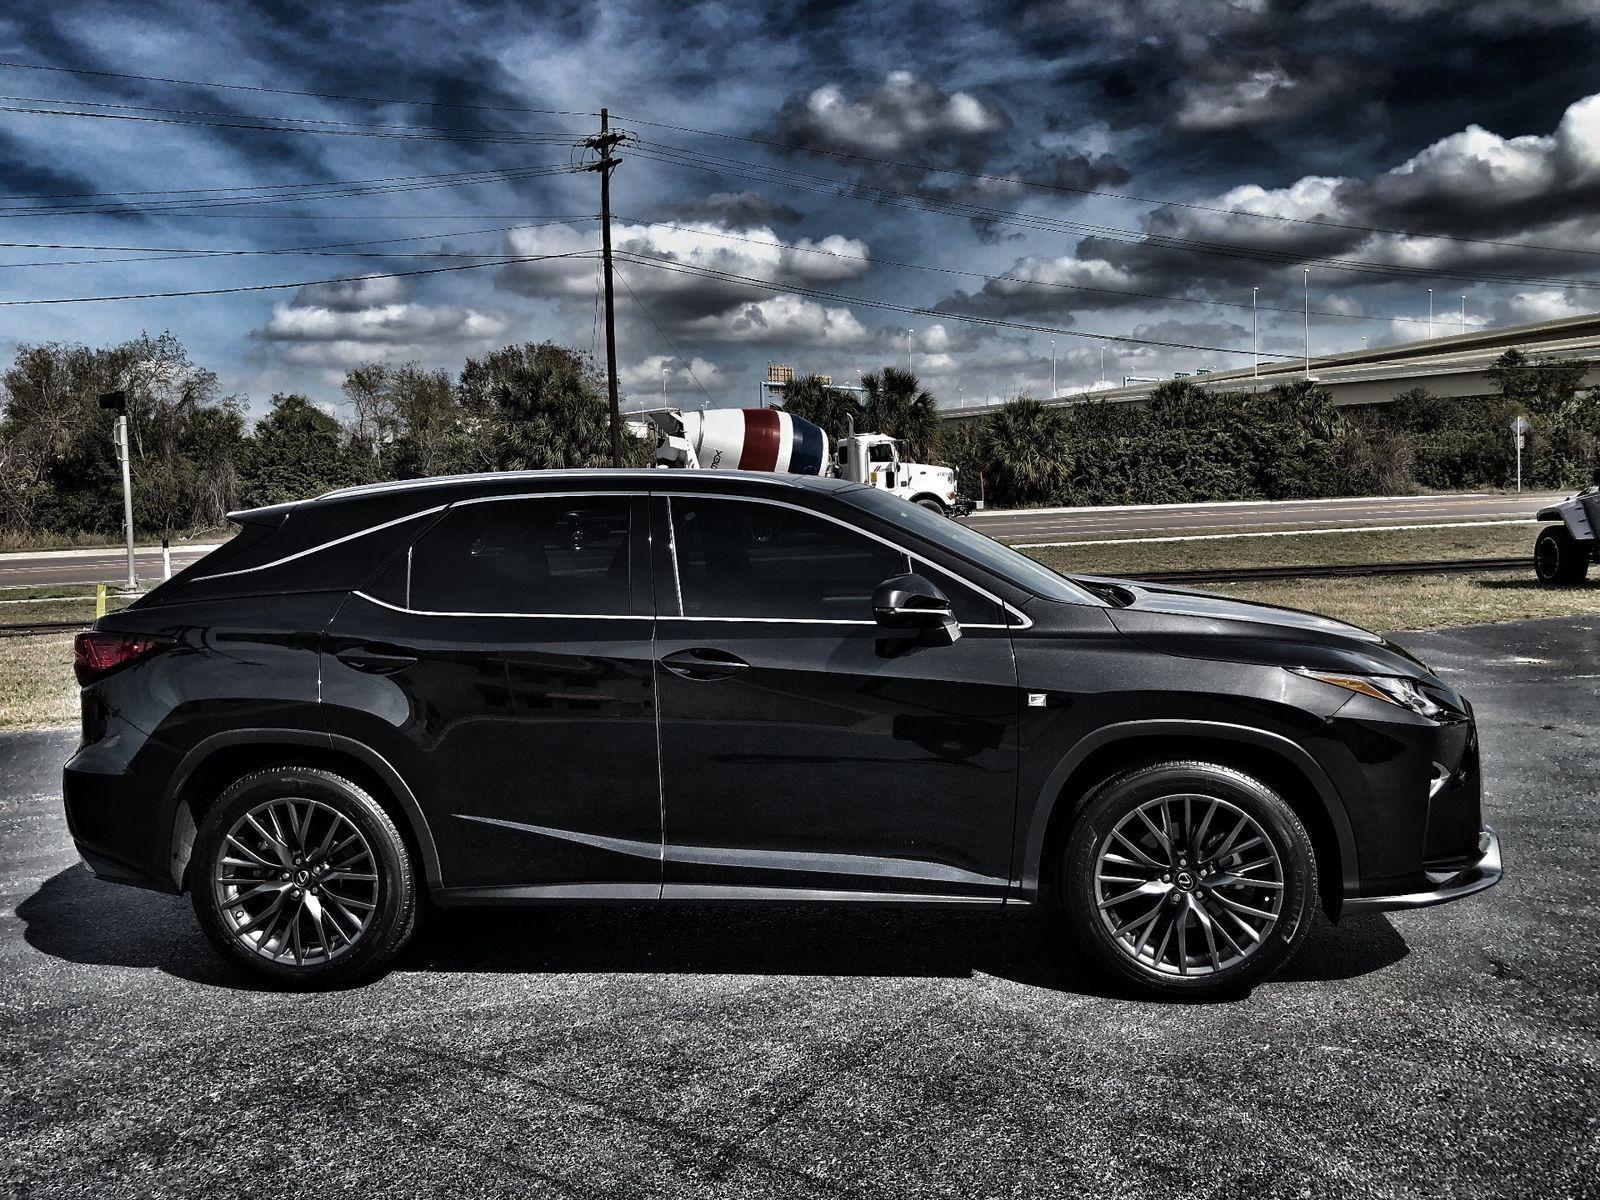 Used 2016 Lexus RX F SPORT RX350 BLACK/BLACK LOADED RX350